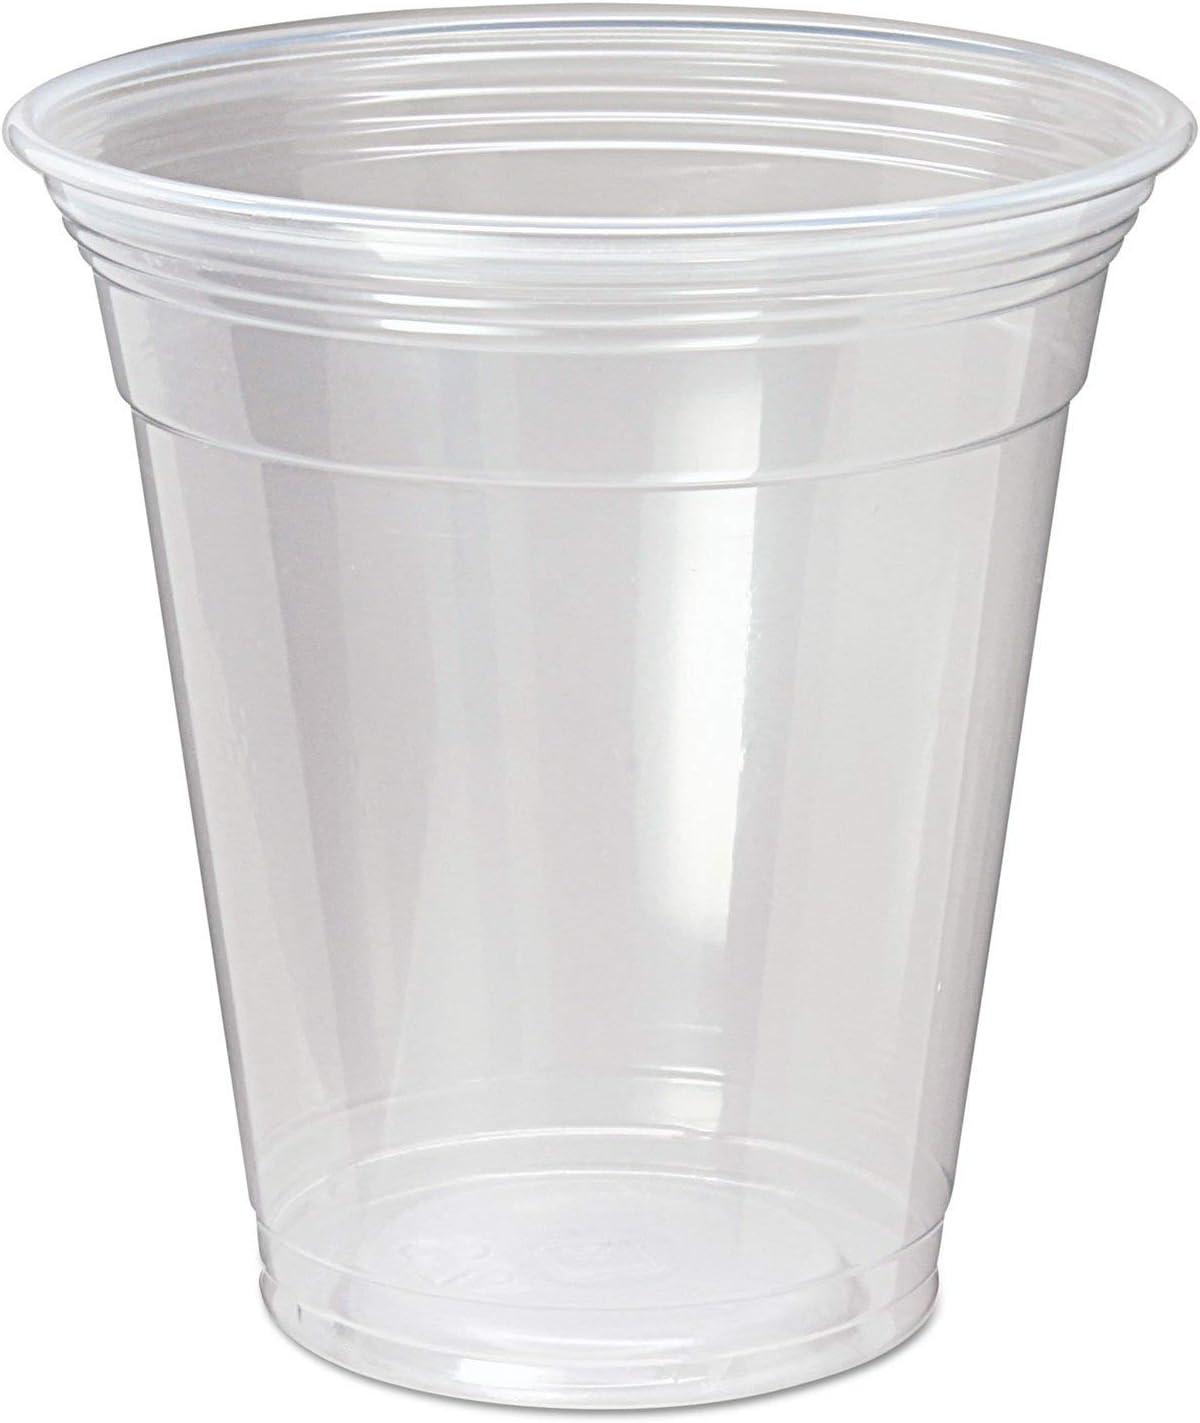 Fabri-Kal NC12S Nexclear Polypropylene Drink Cups 12/14 oz Clear 1000/Carton